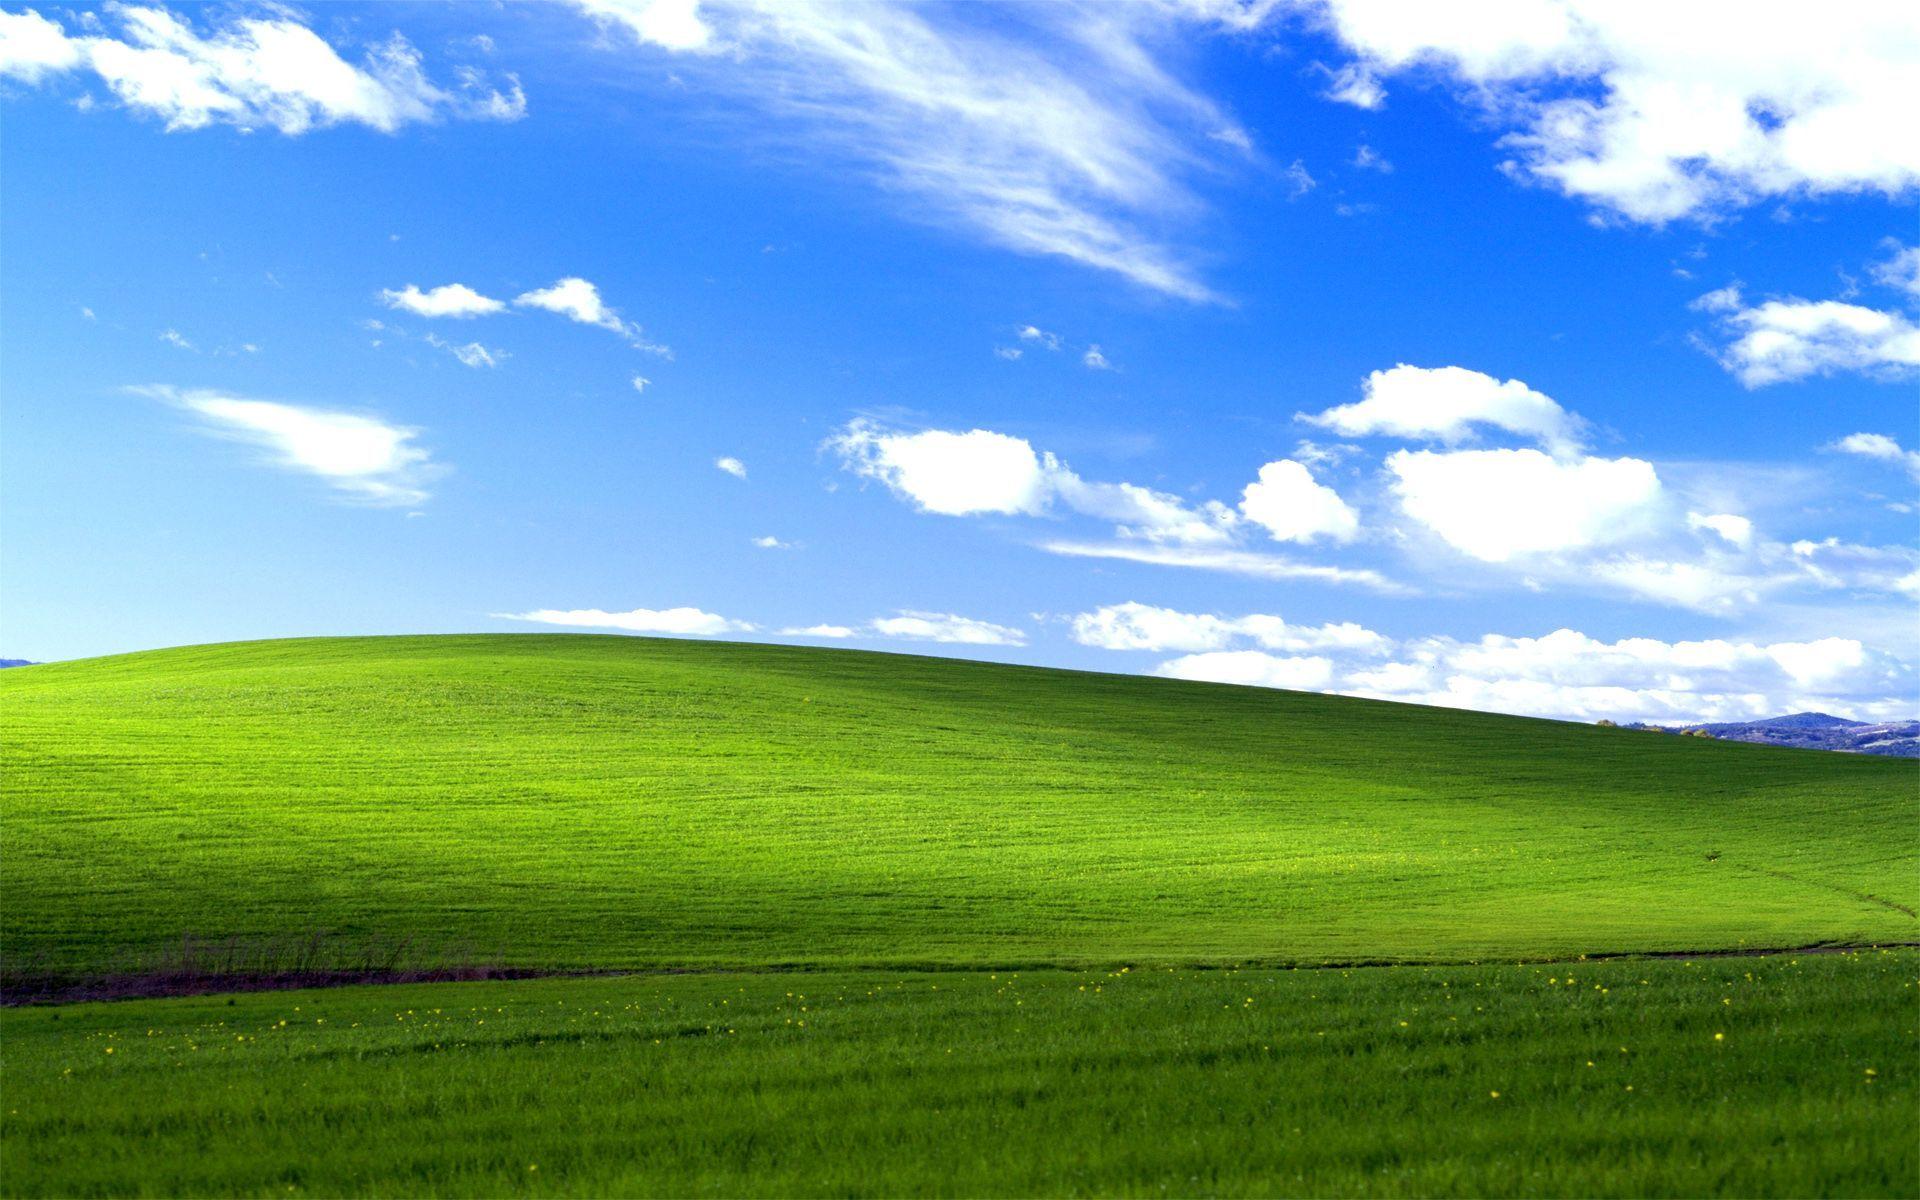 Hình nền này có tên gọi Bliss. Sở dĩ Bliss nổi tiếng và được nhiều người biết đến nhất bởi nó là hình nền mặc định trong Windows XP.